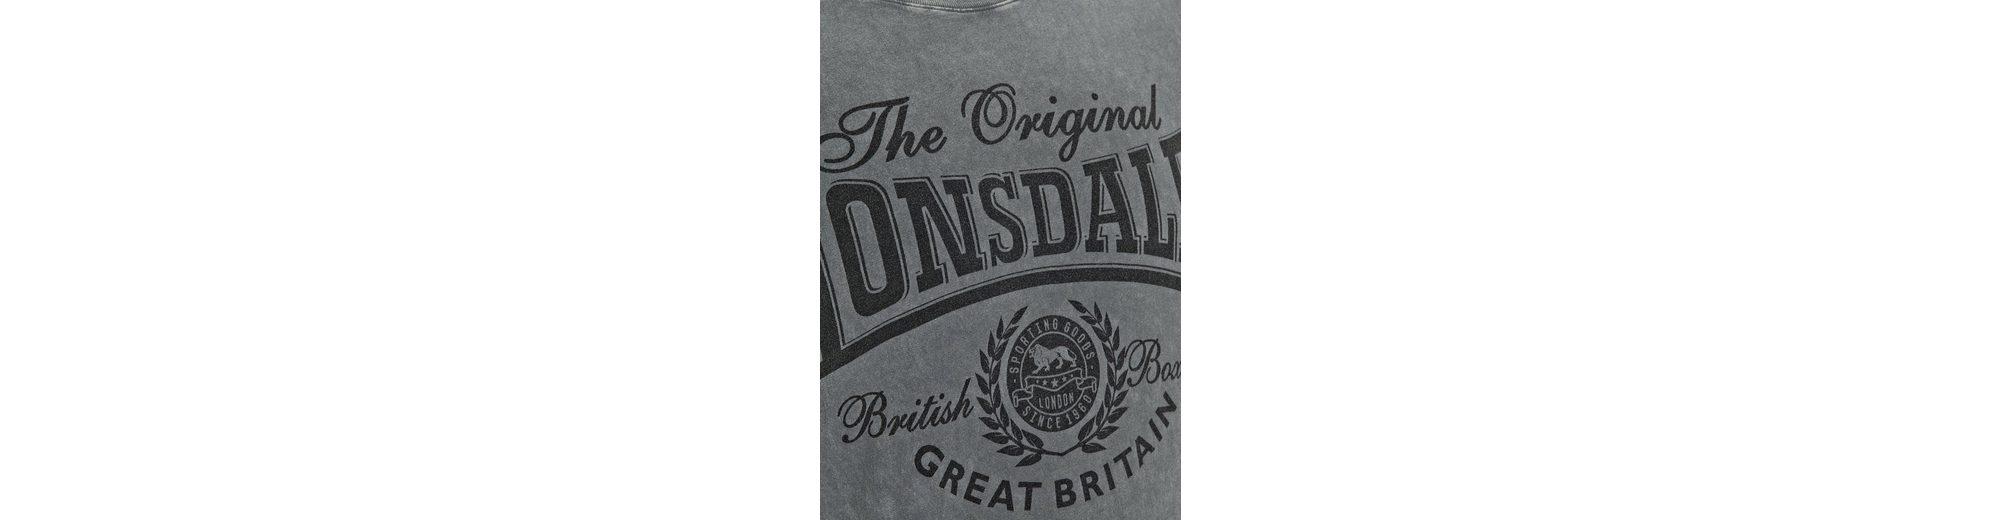 Spielraum Browse Vorbestellung Für Verkauf Lonsdale T-Shirt mit Frontprint WENDOVER Kauf Steckdose Mit Paypal uPO272X